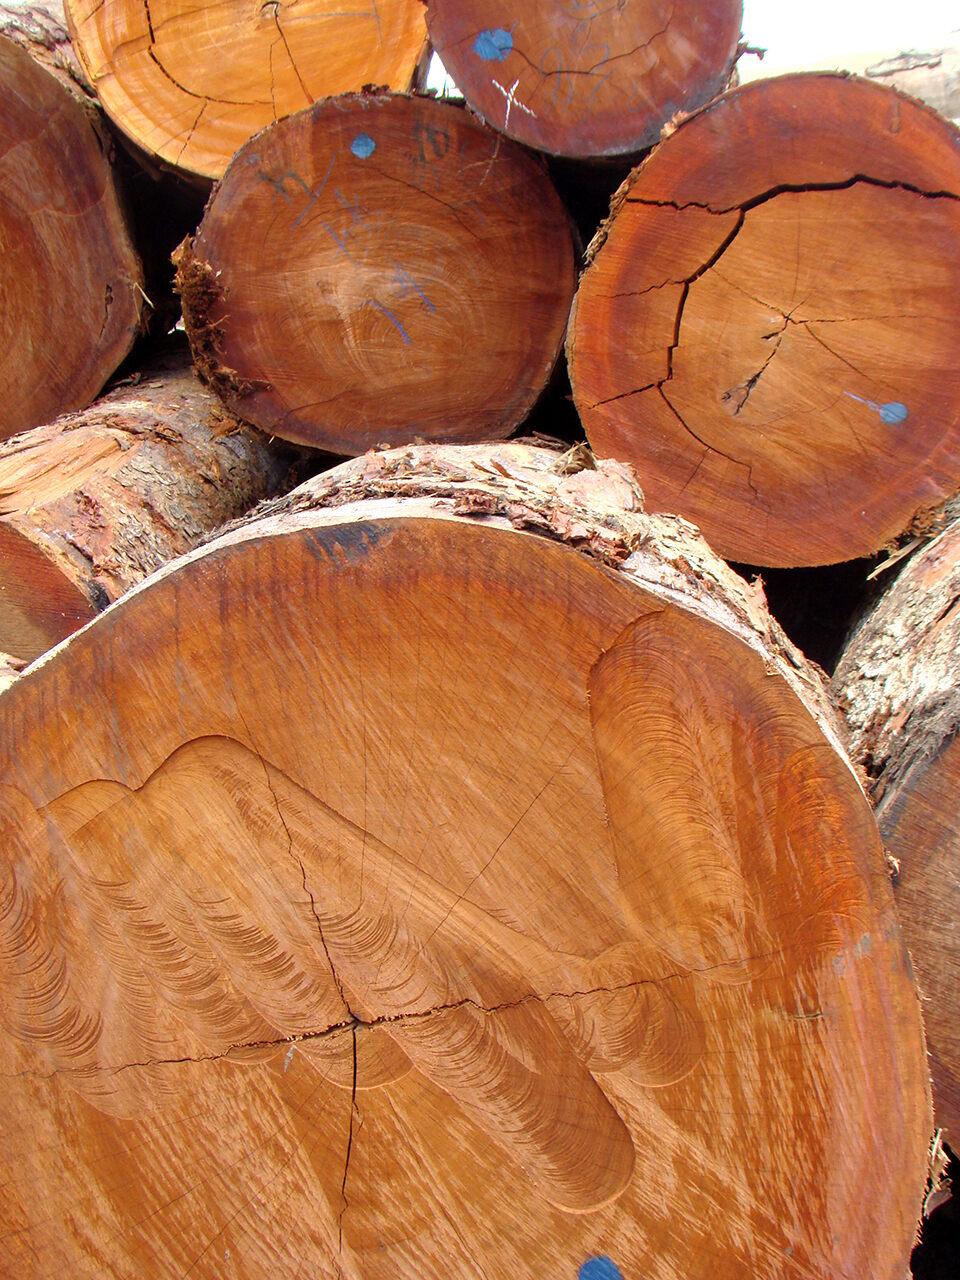 Native to equatorial Africa, kevazingo is also called <em>bubinga</em>, <em>bovenga</em>, <em>amazique</em>, and African rosewood.